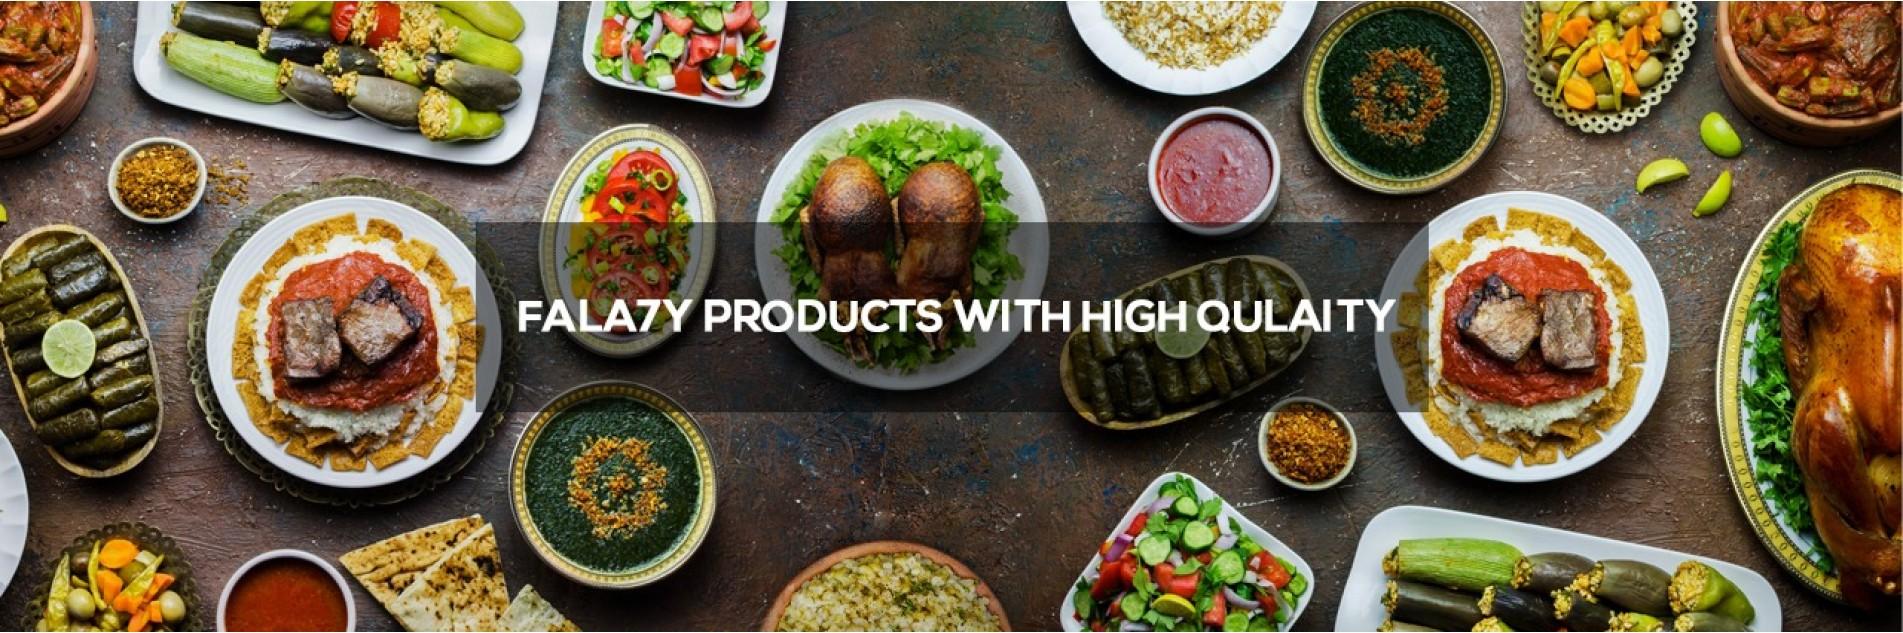 Siwa Products